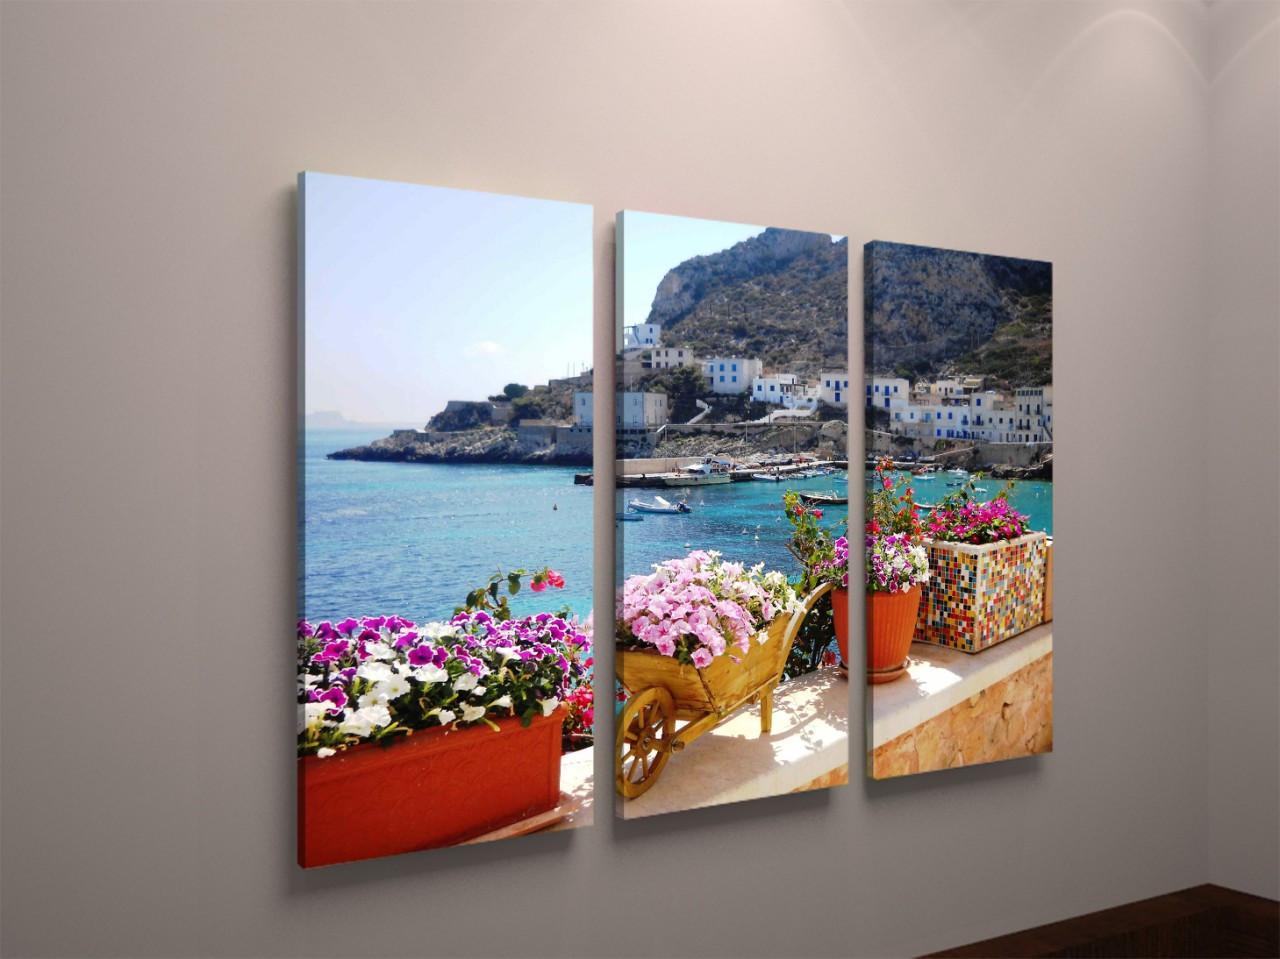 Модульная картина природа красивый пейзаж море италия